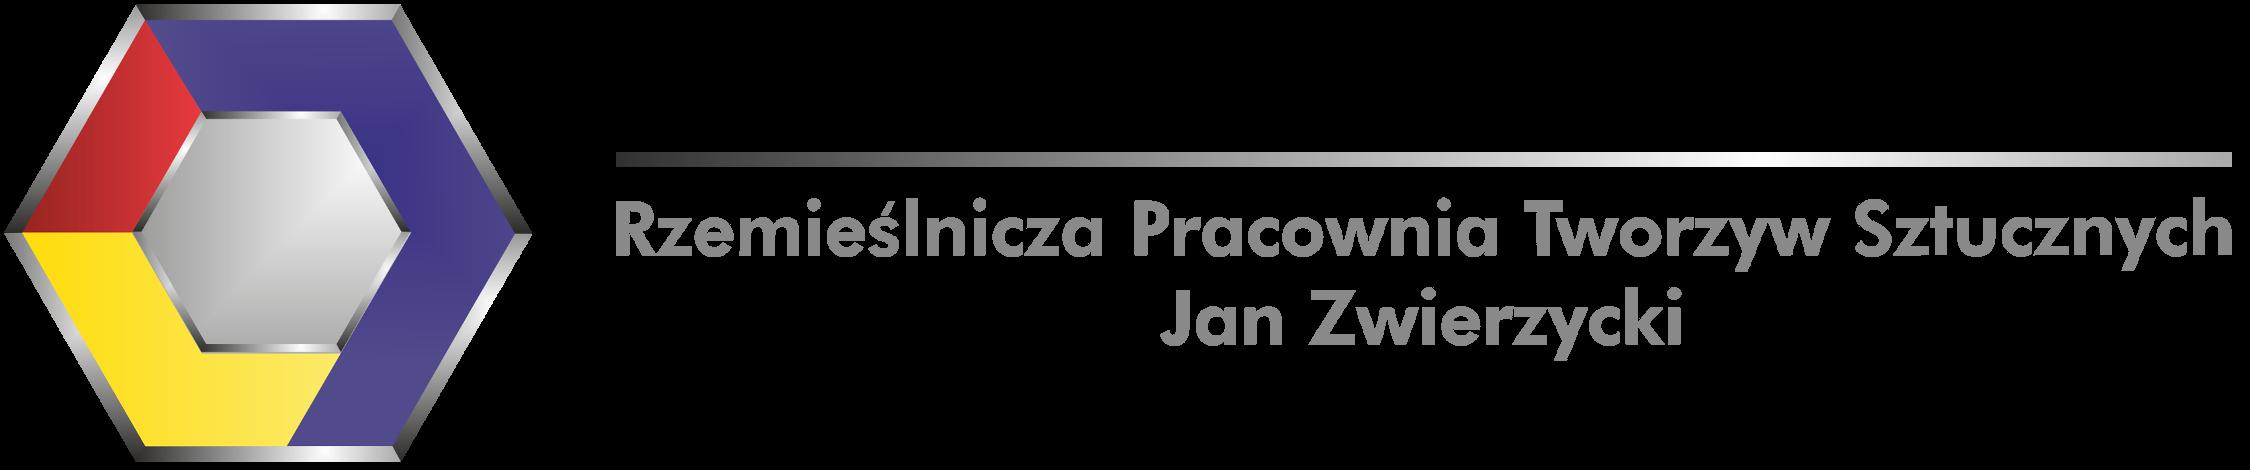 Jan Zwierzycki Rzemieślnicza Pracownia Tworzyw Sztucznych